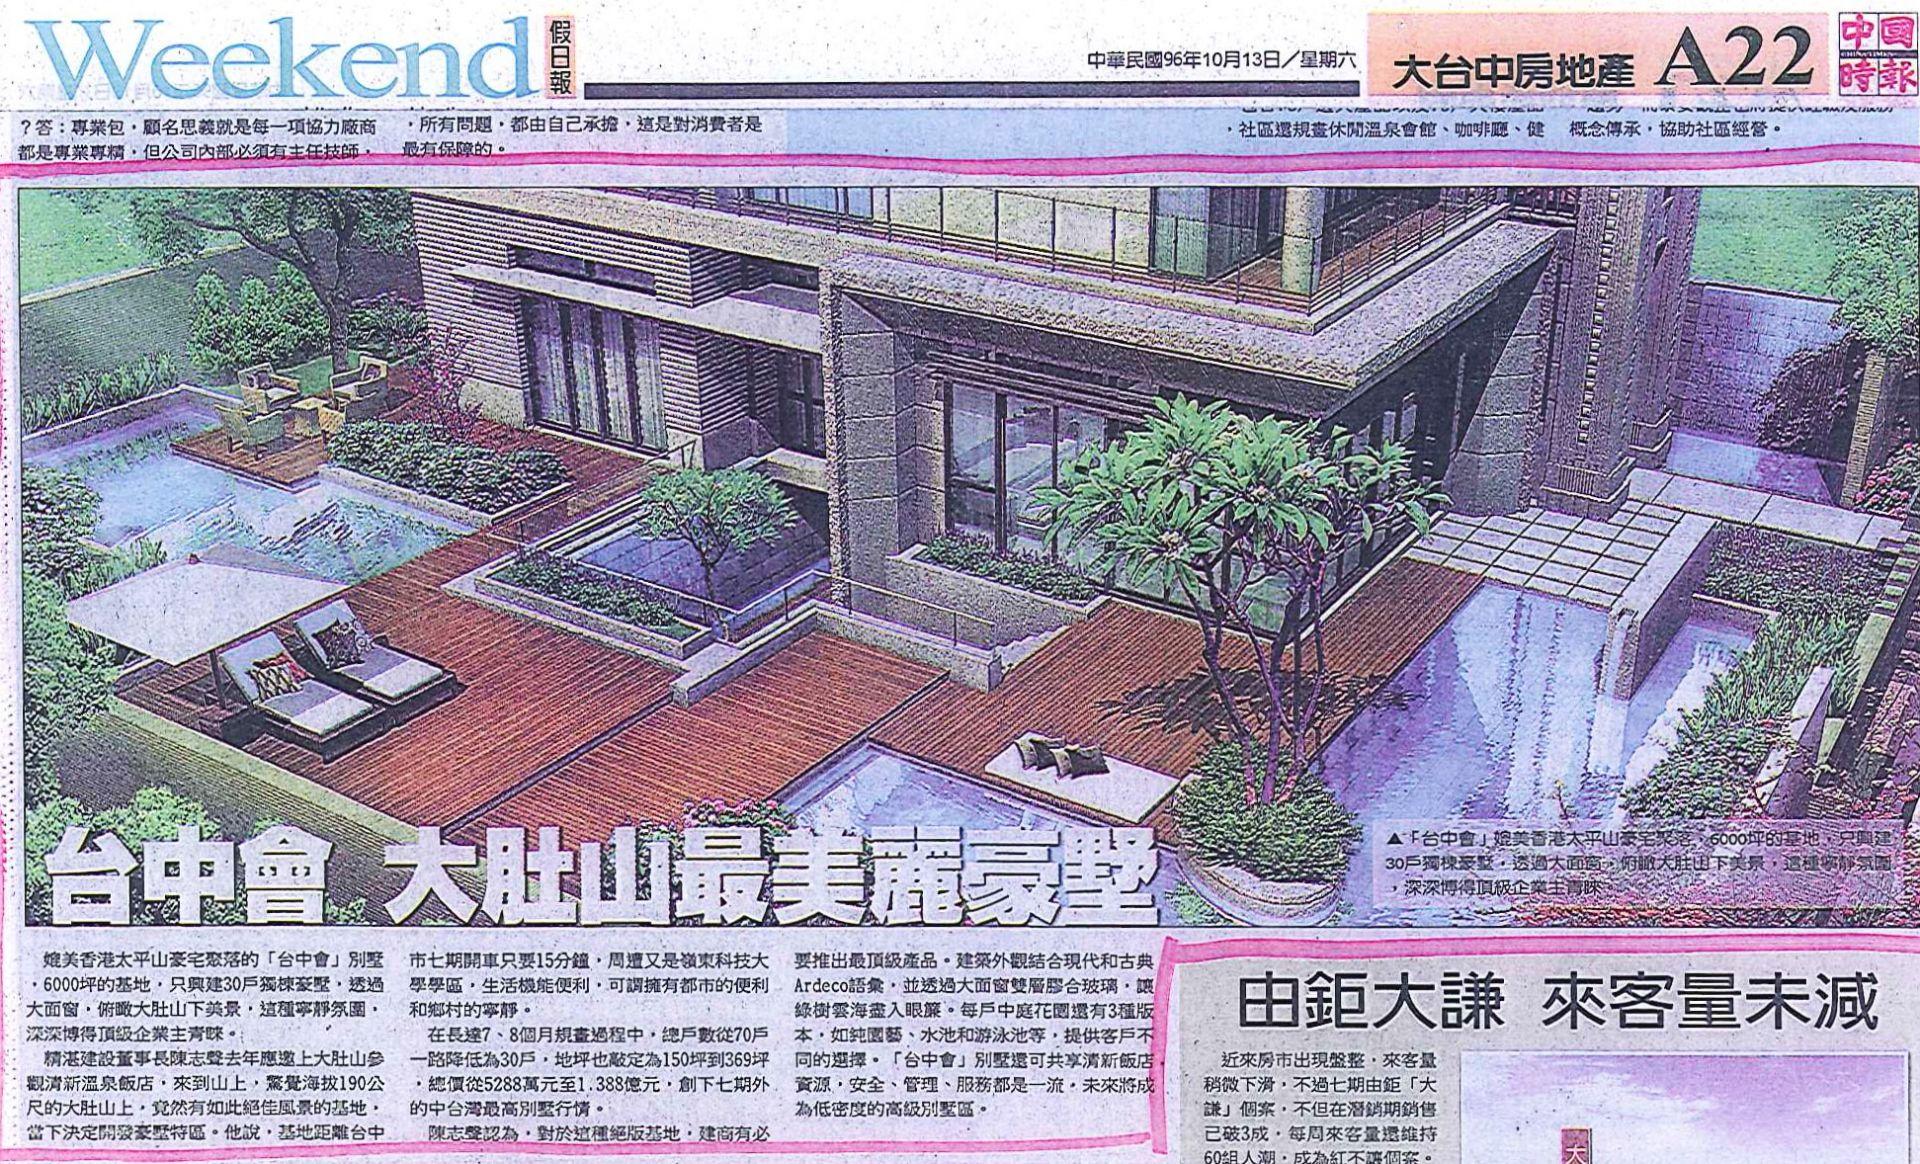 20071013 中國時報 (2)_台中會 大肚山最美麗豪墅